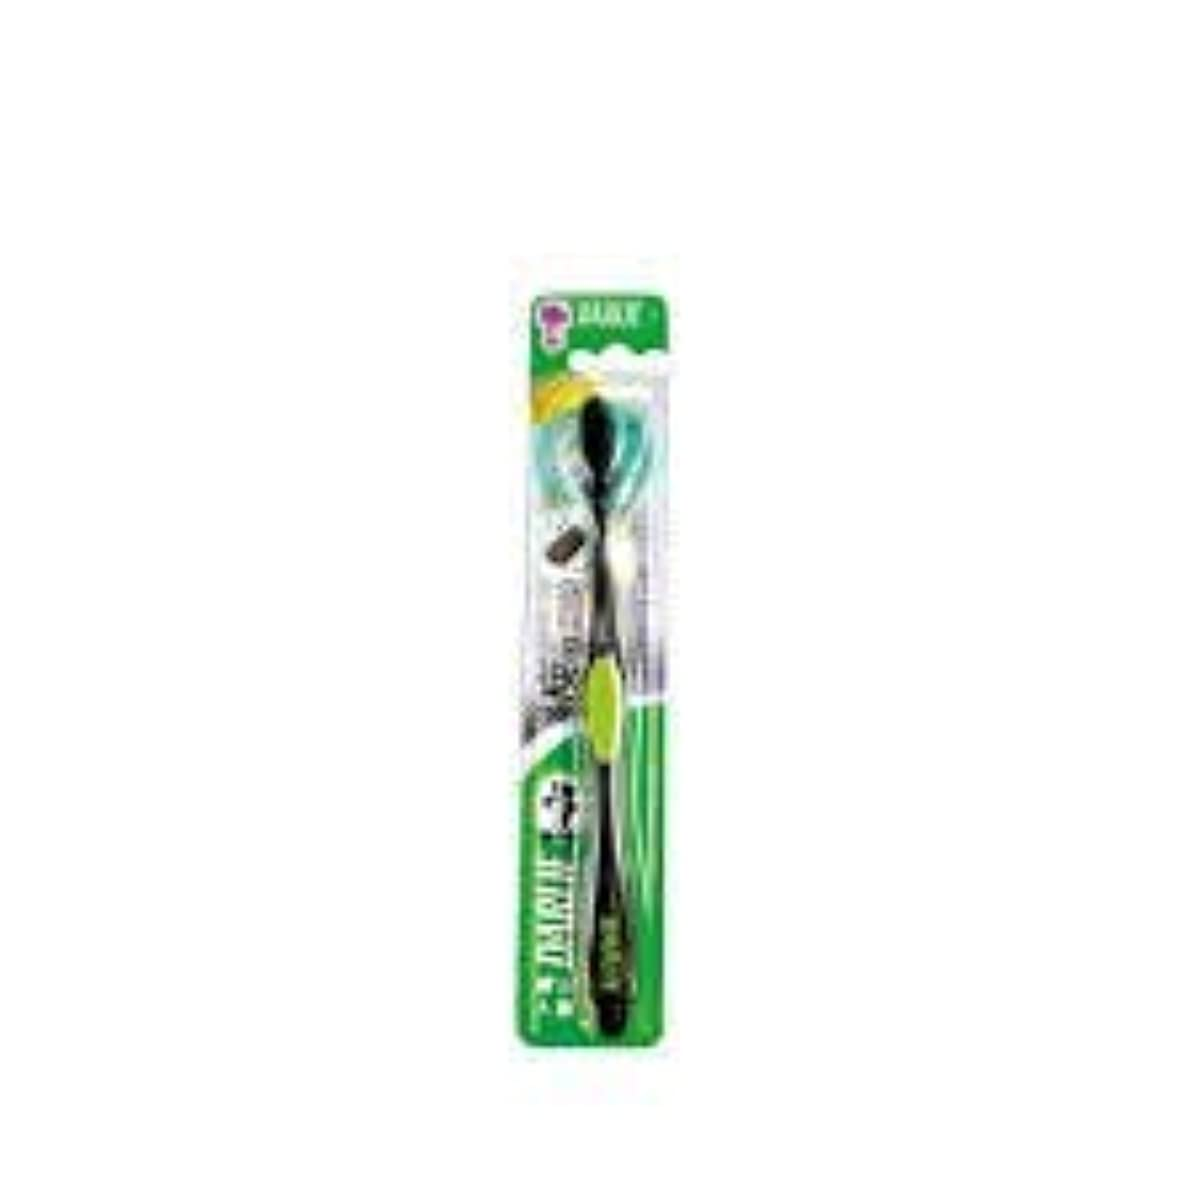 メガロポリス活発アジアDARLIE チャコールブラック歯磨き粉歯ブラシのクリーニングはテーパ1S-口臭を防止するために、活性炭粒子で強化毛。